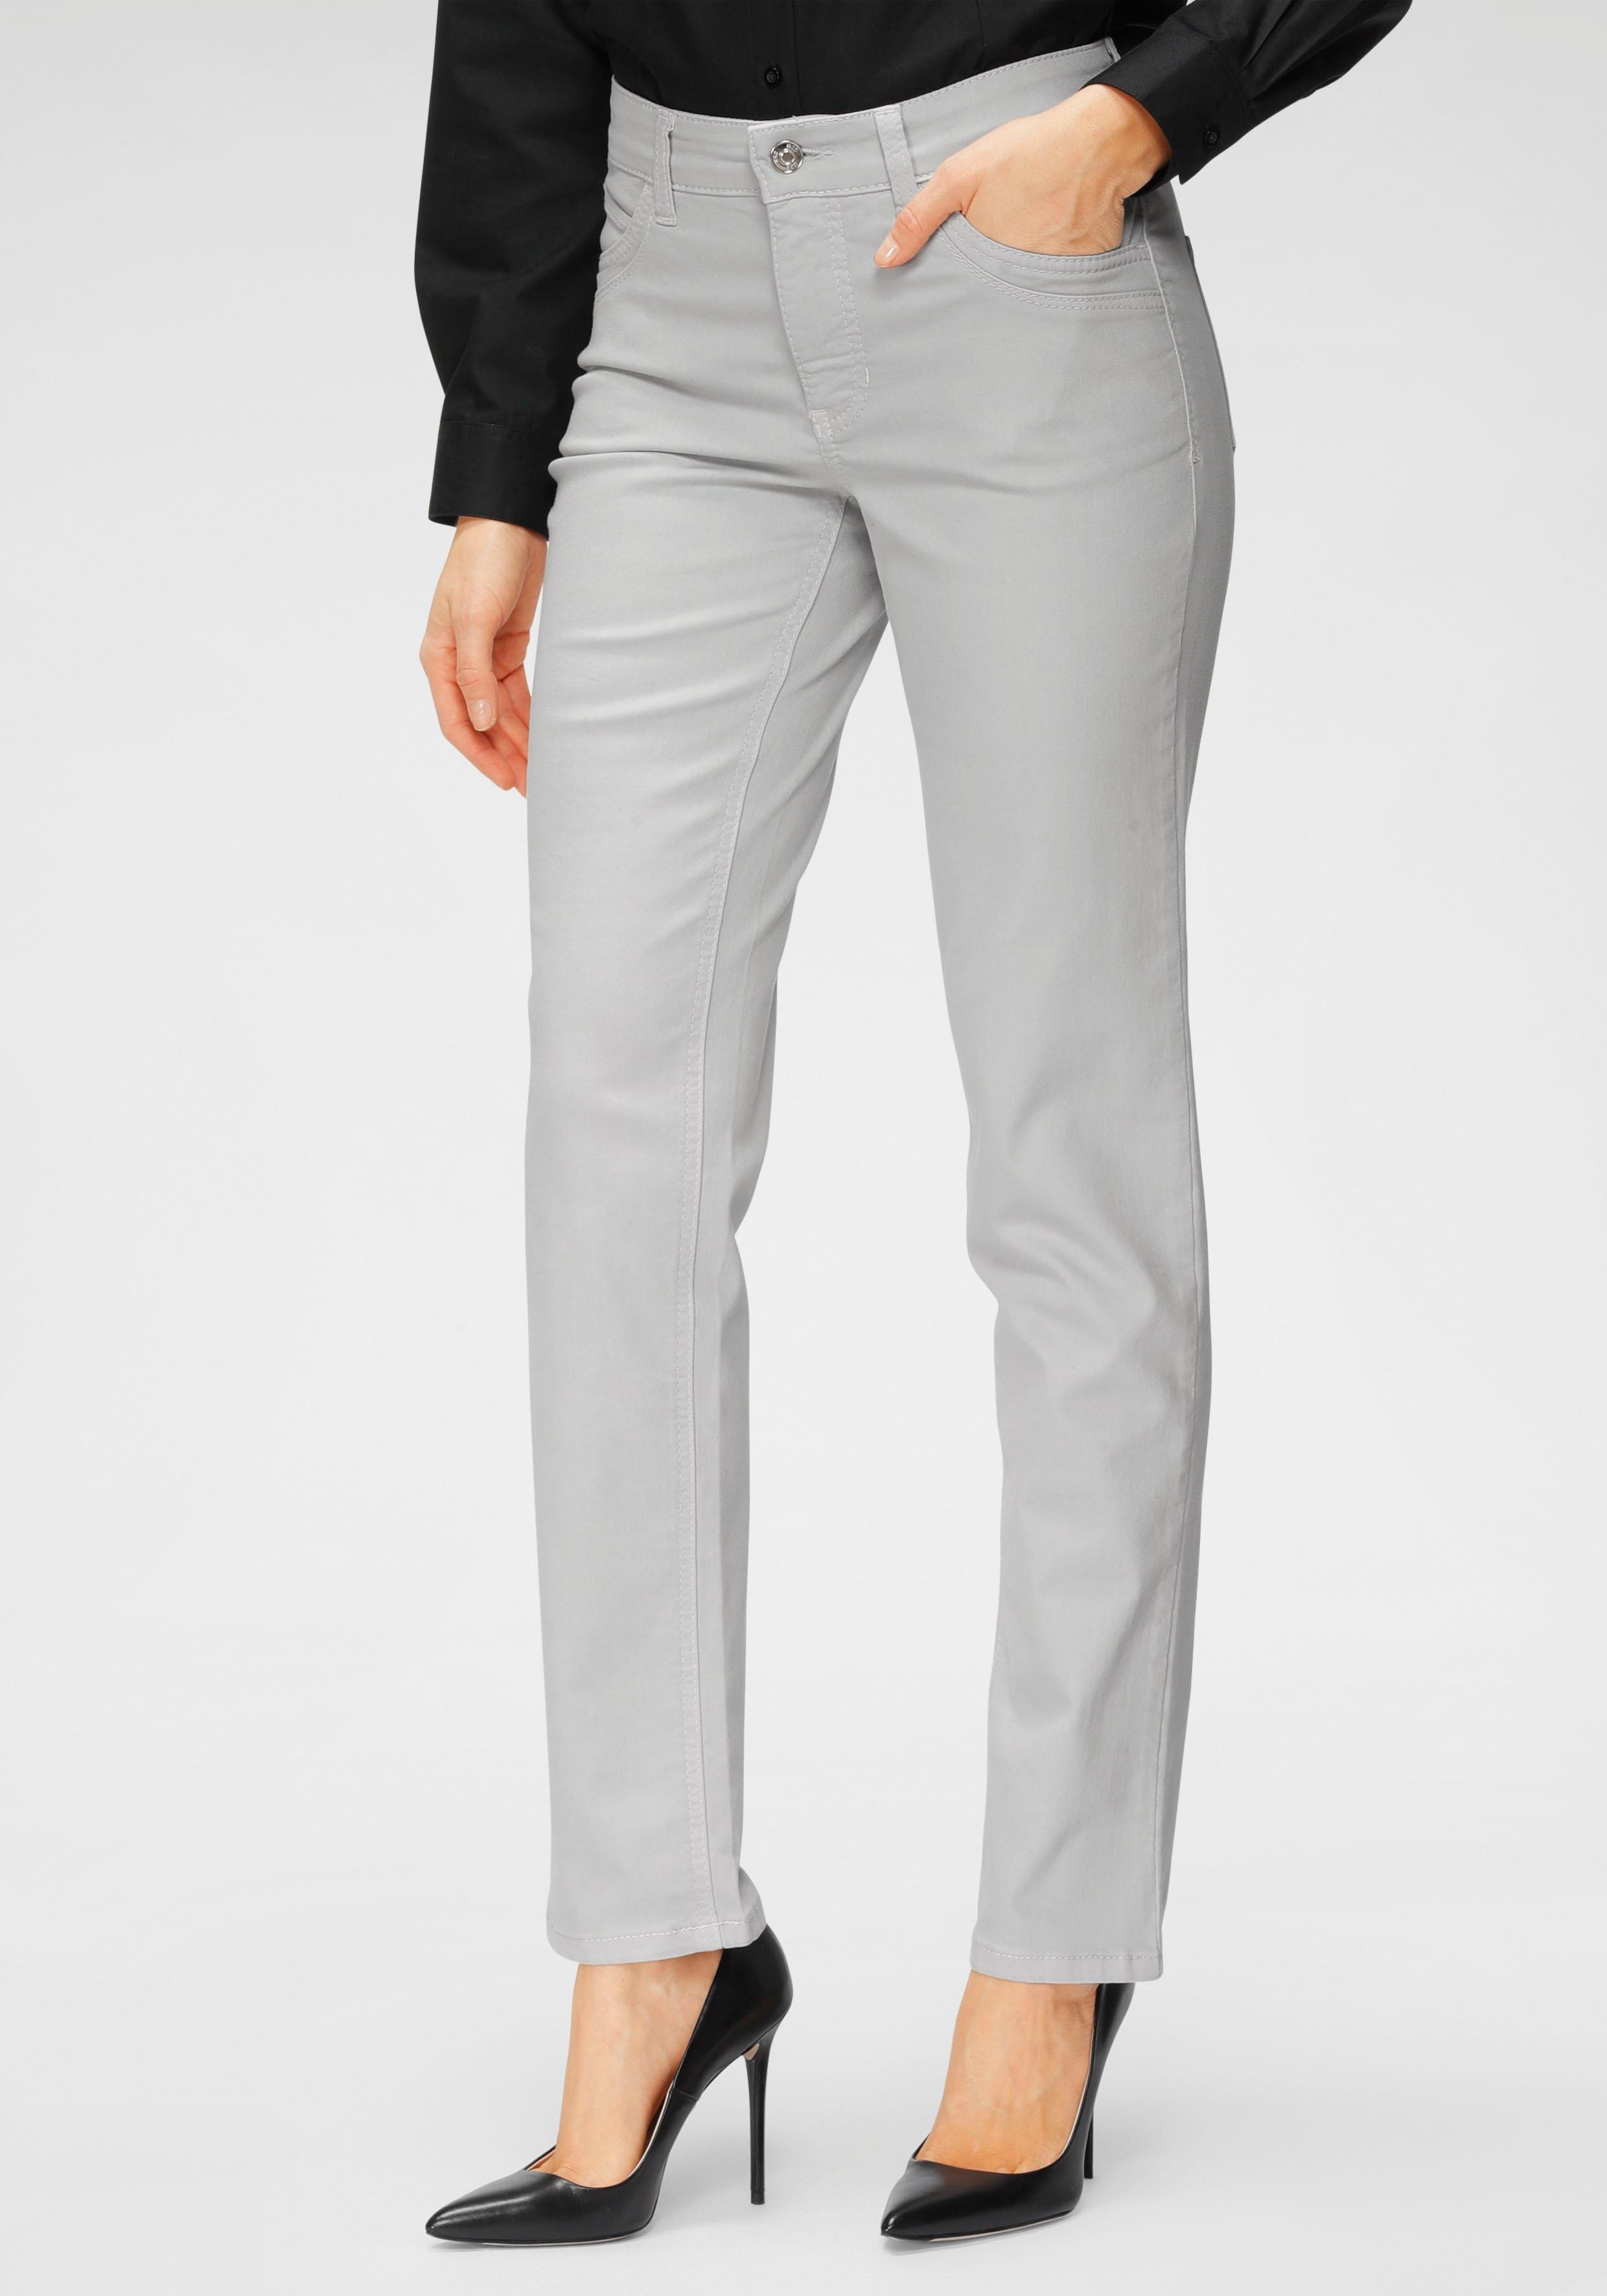 MAC stretch jeans Melanie Recht model voordelig en veilig online kopen